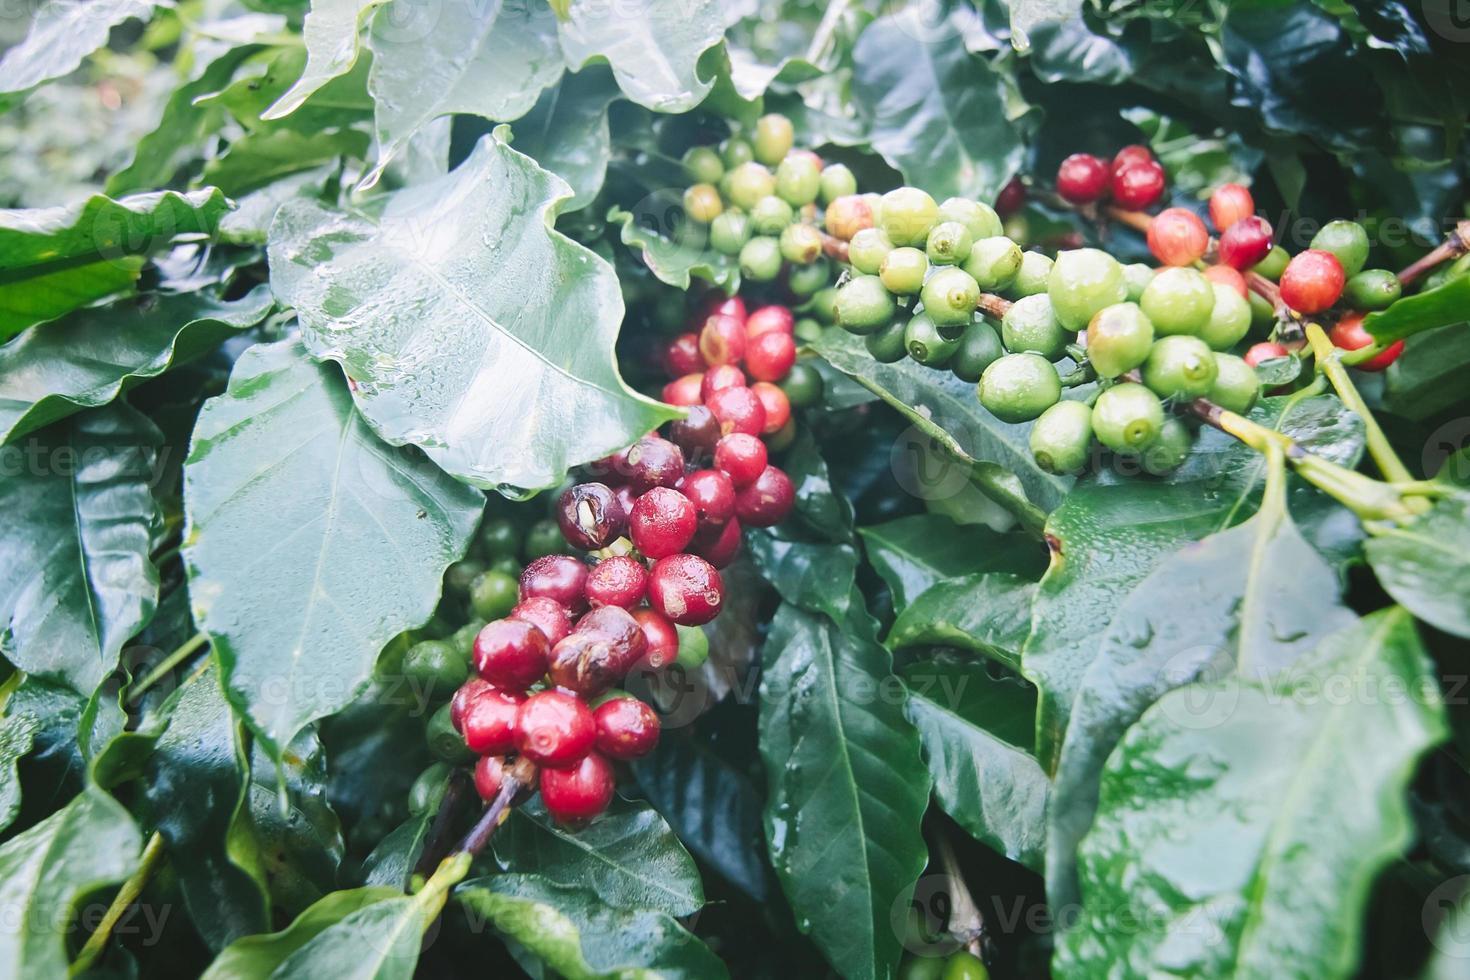 caféier avec des baies mûres à la ferme. photo